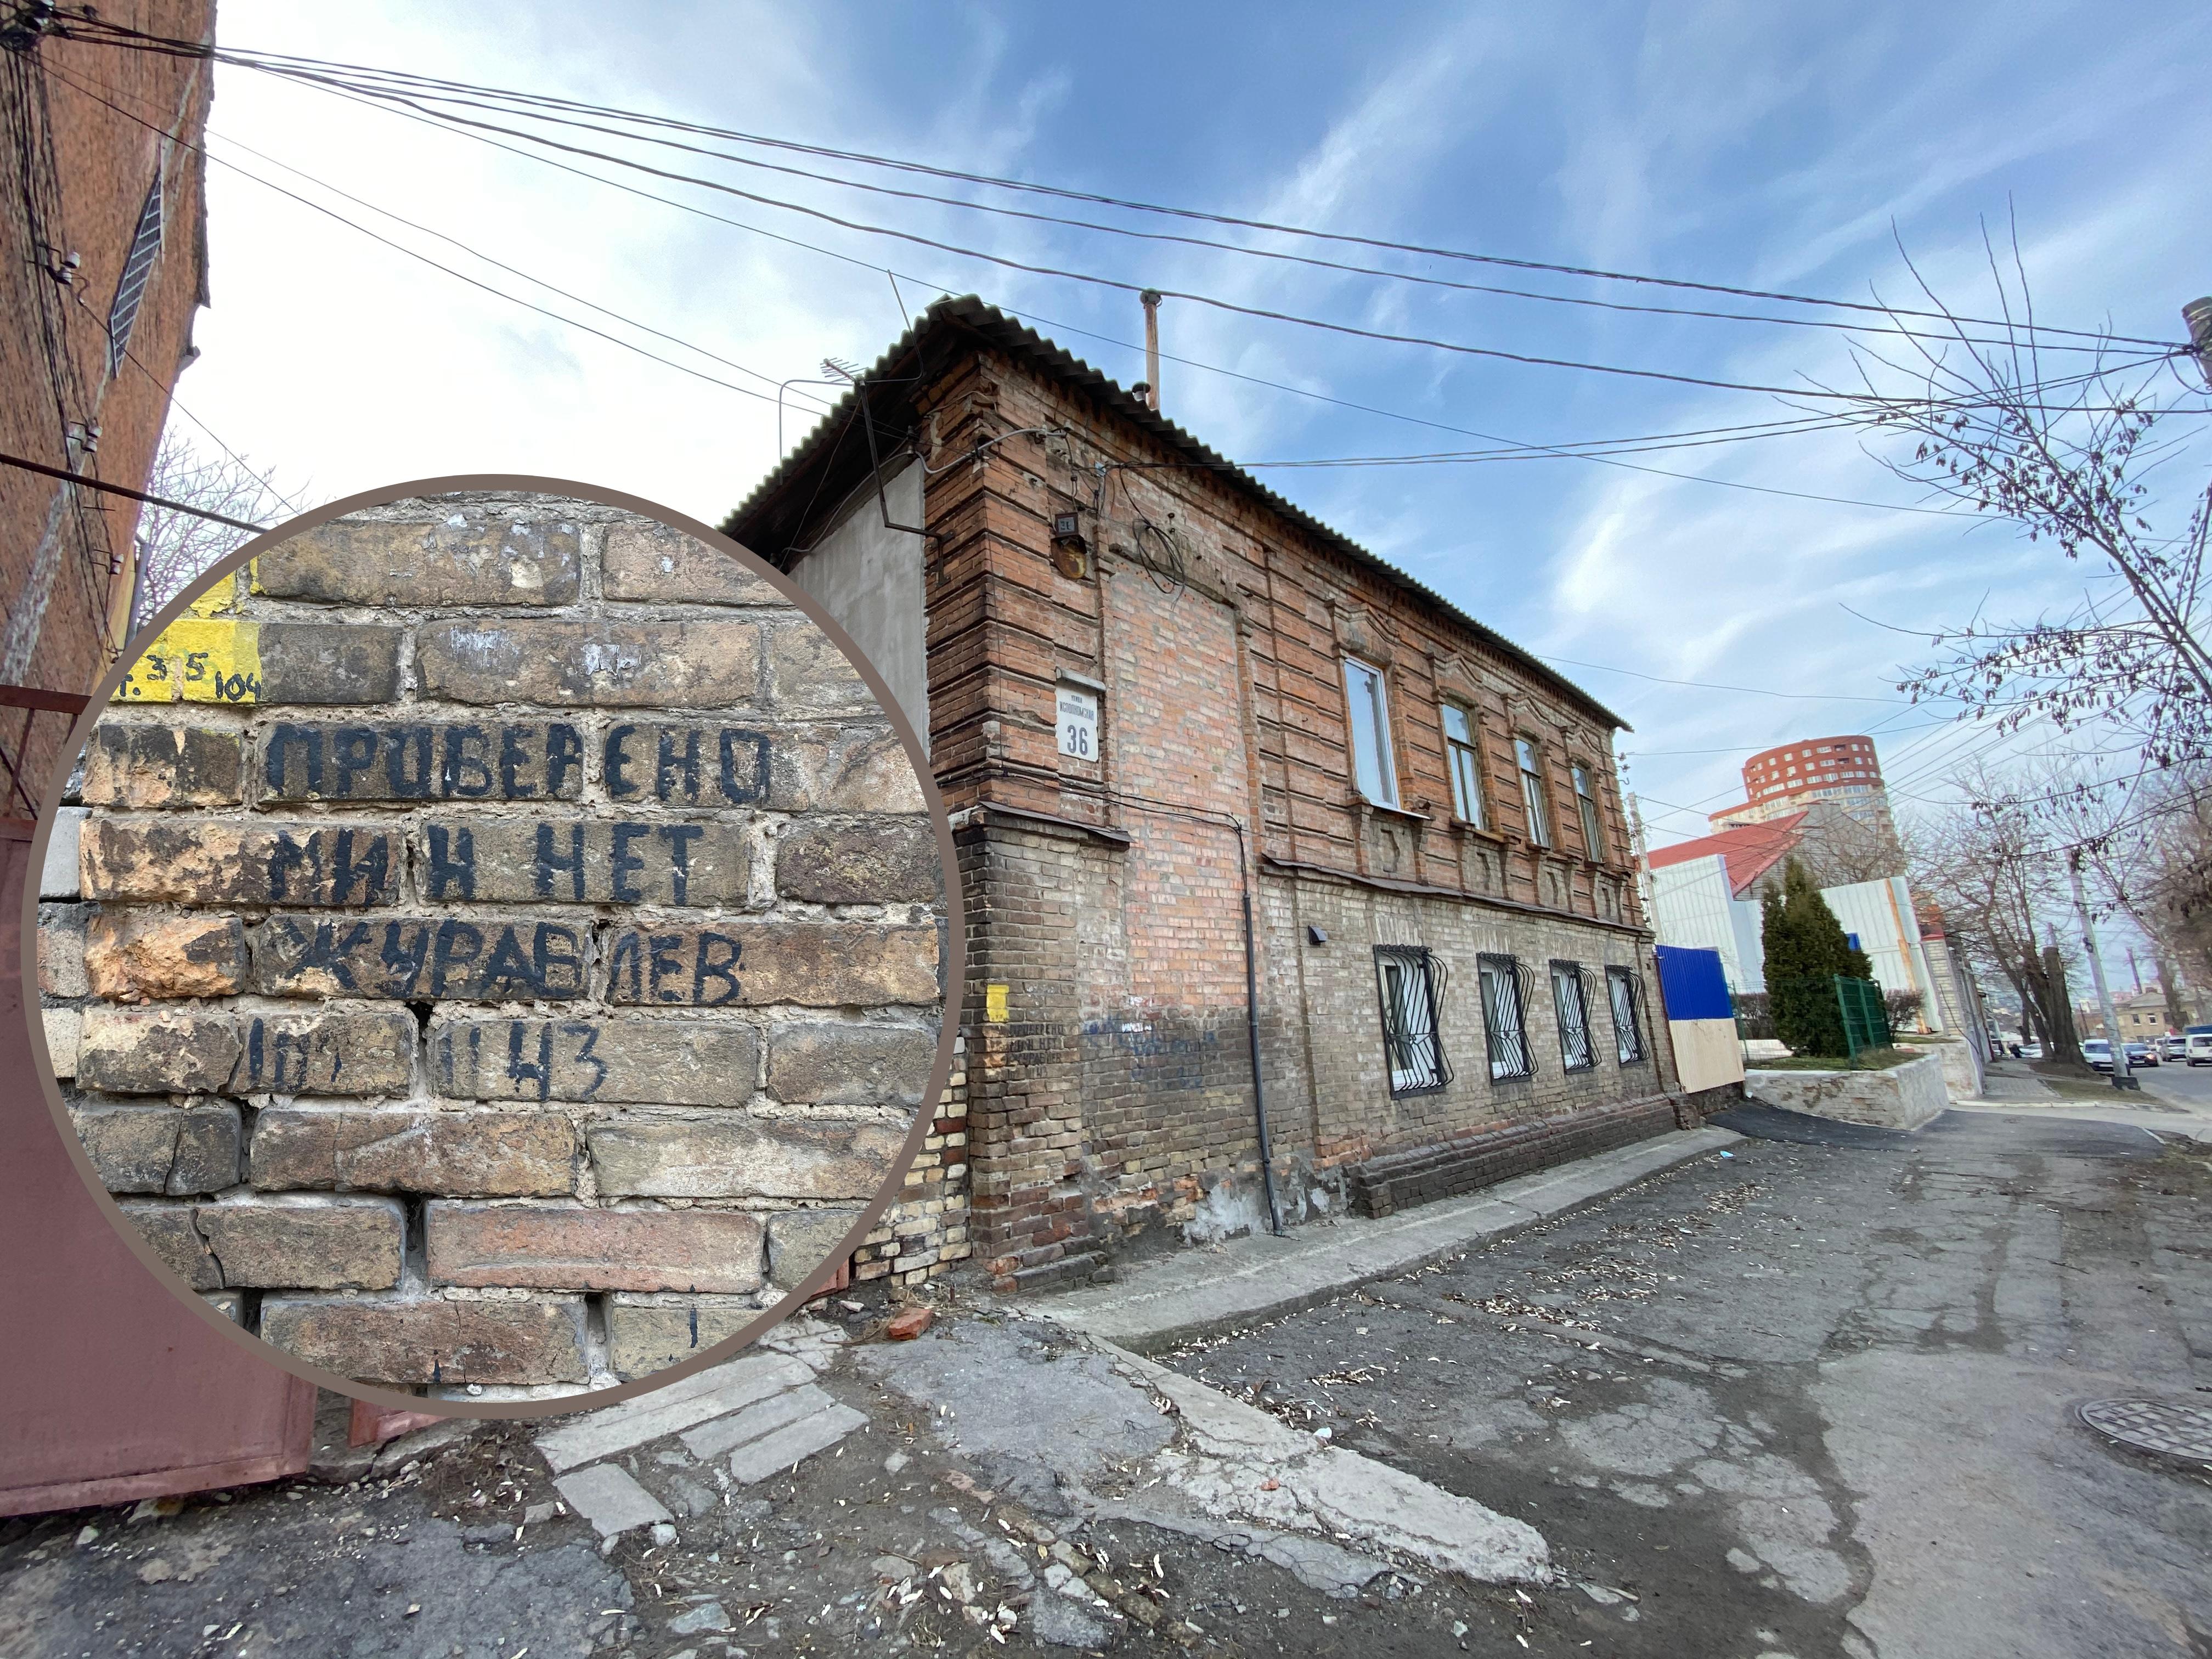 «Проверено. Мин нет»: где найти привет из прошлого в Днепре. Новости Днепра